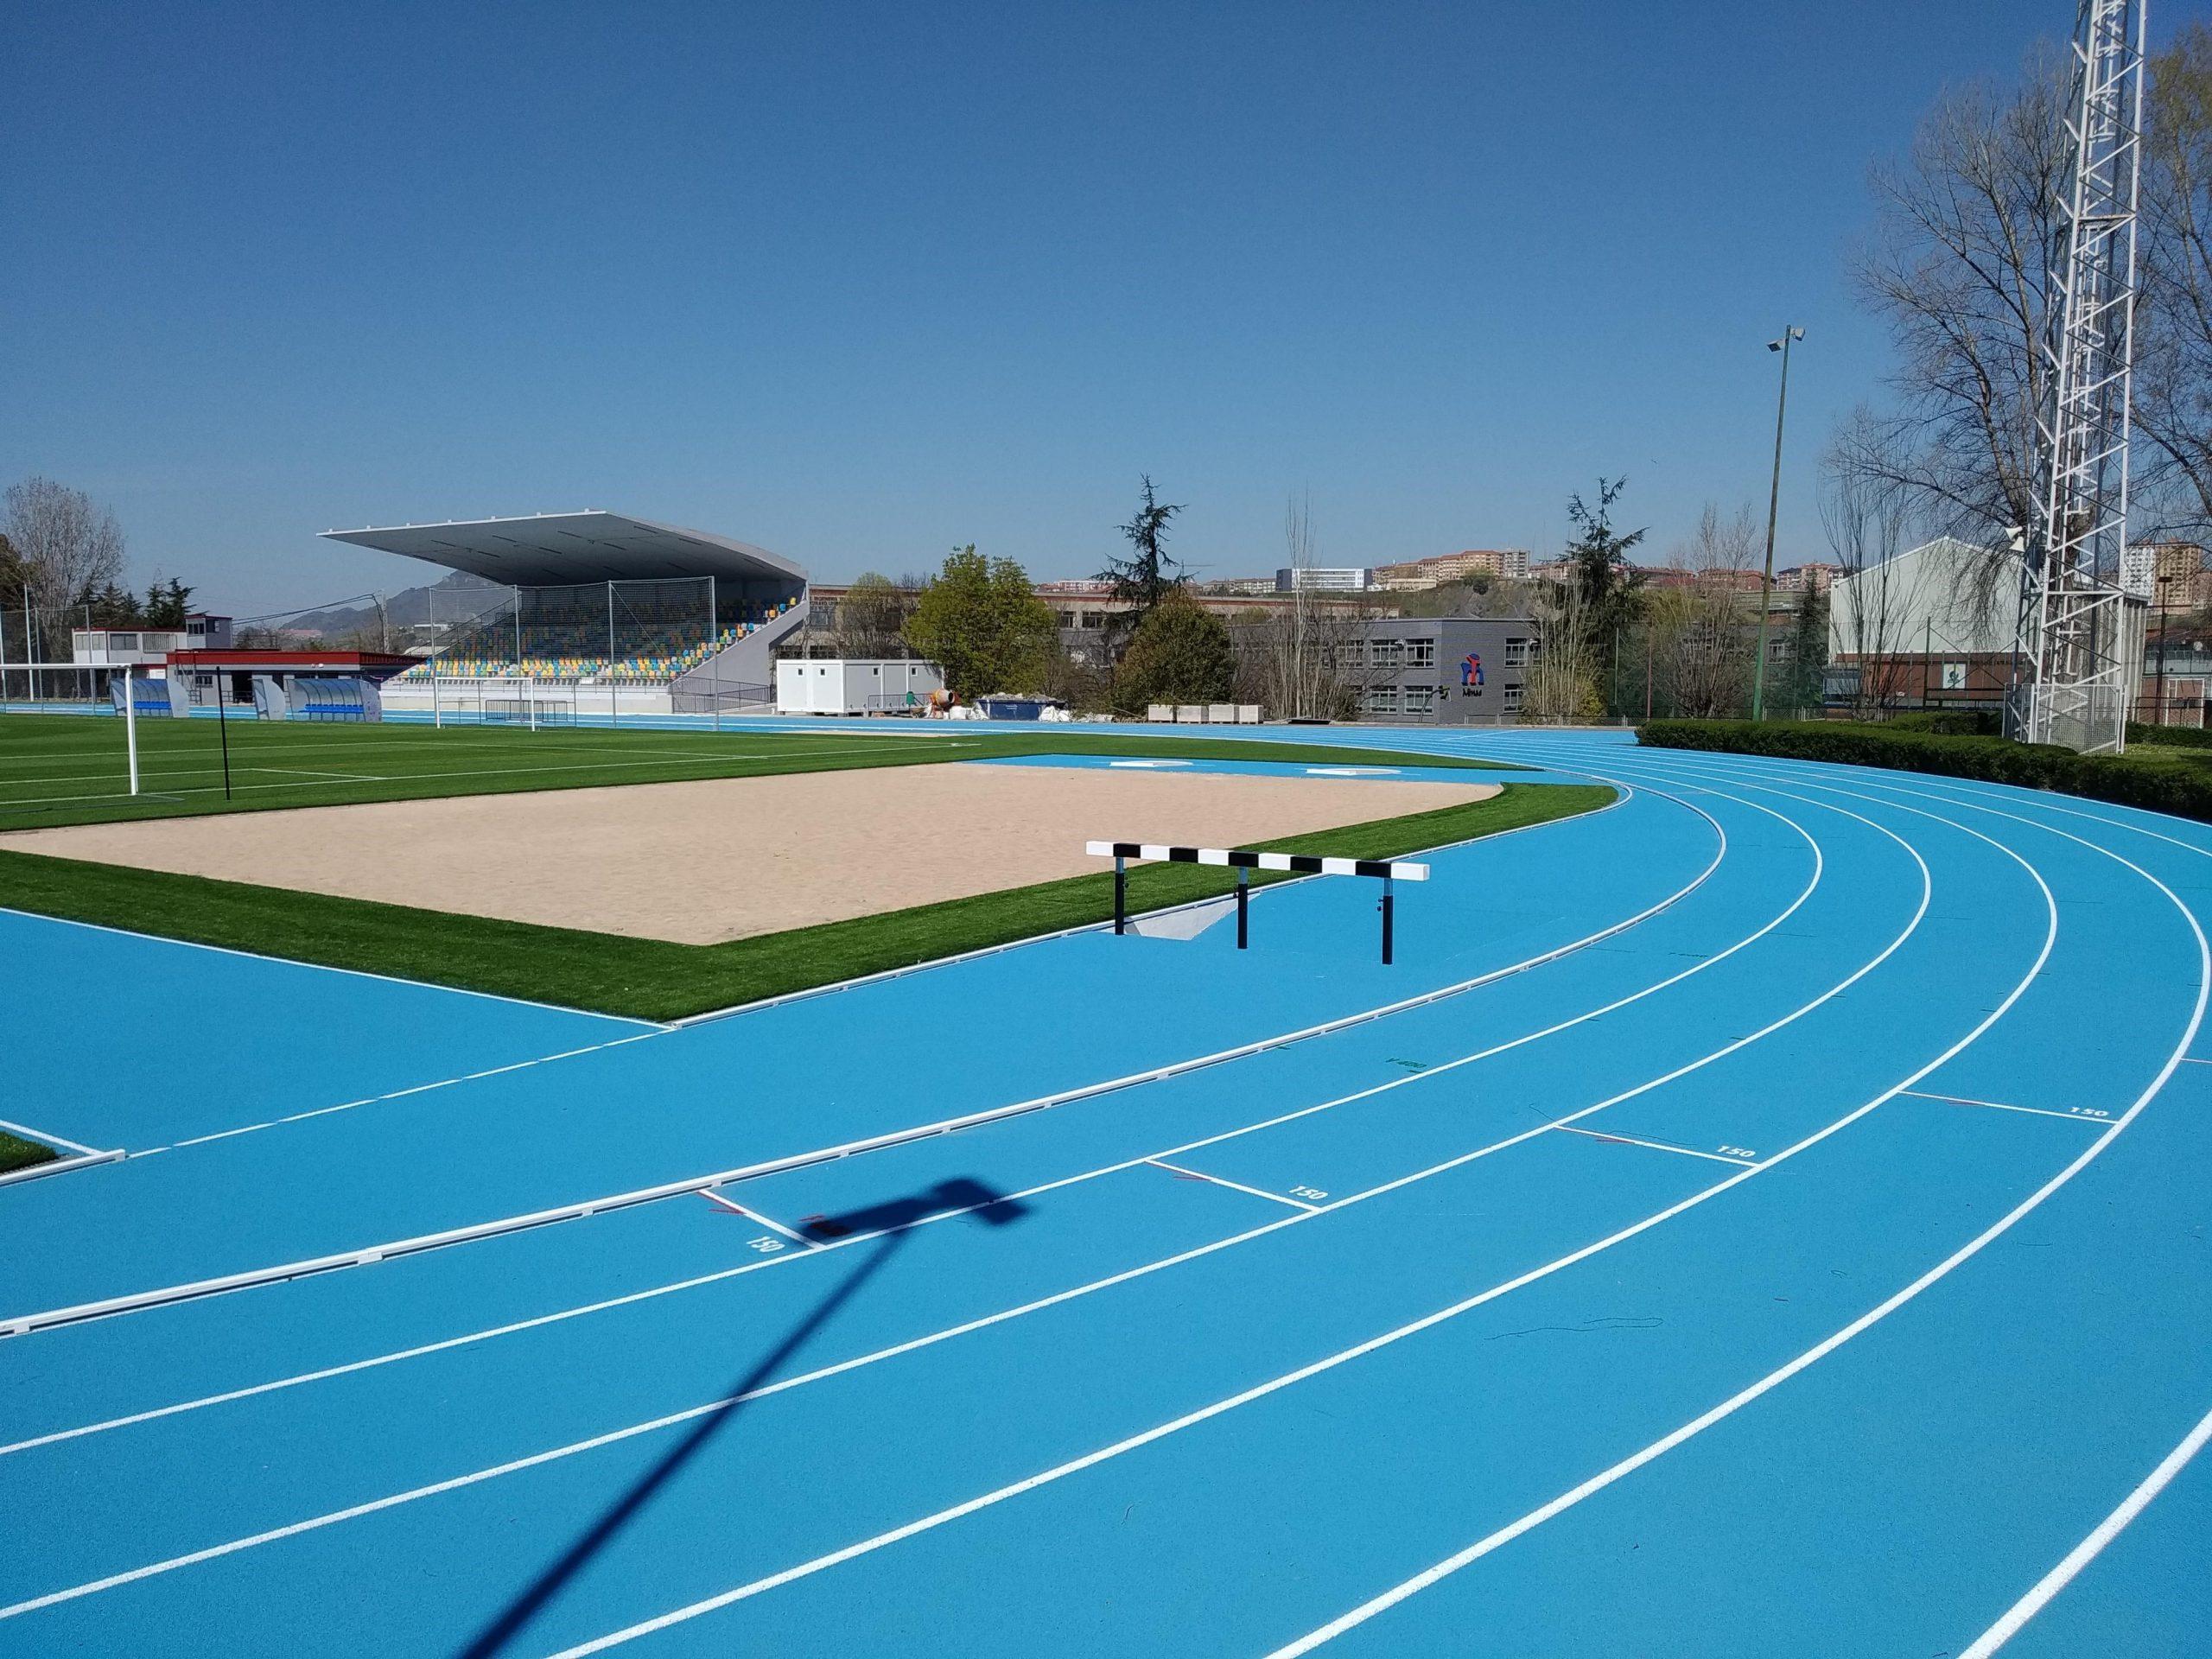 Ciudad Deportiva San Vicente Image